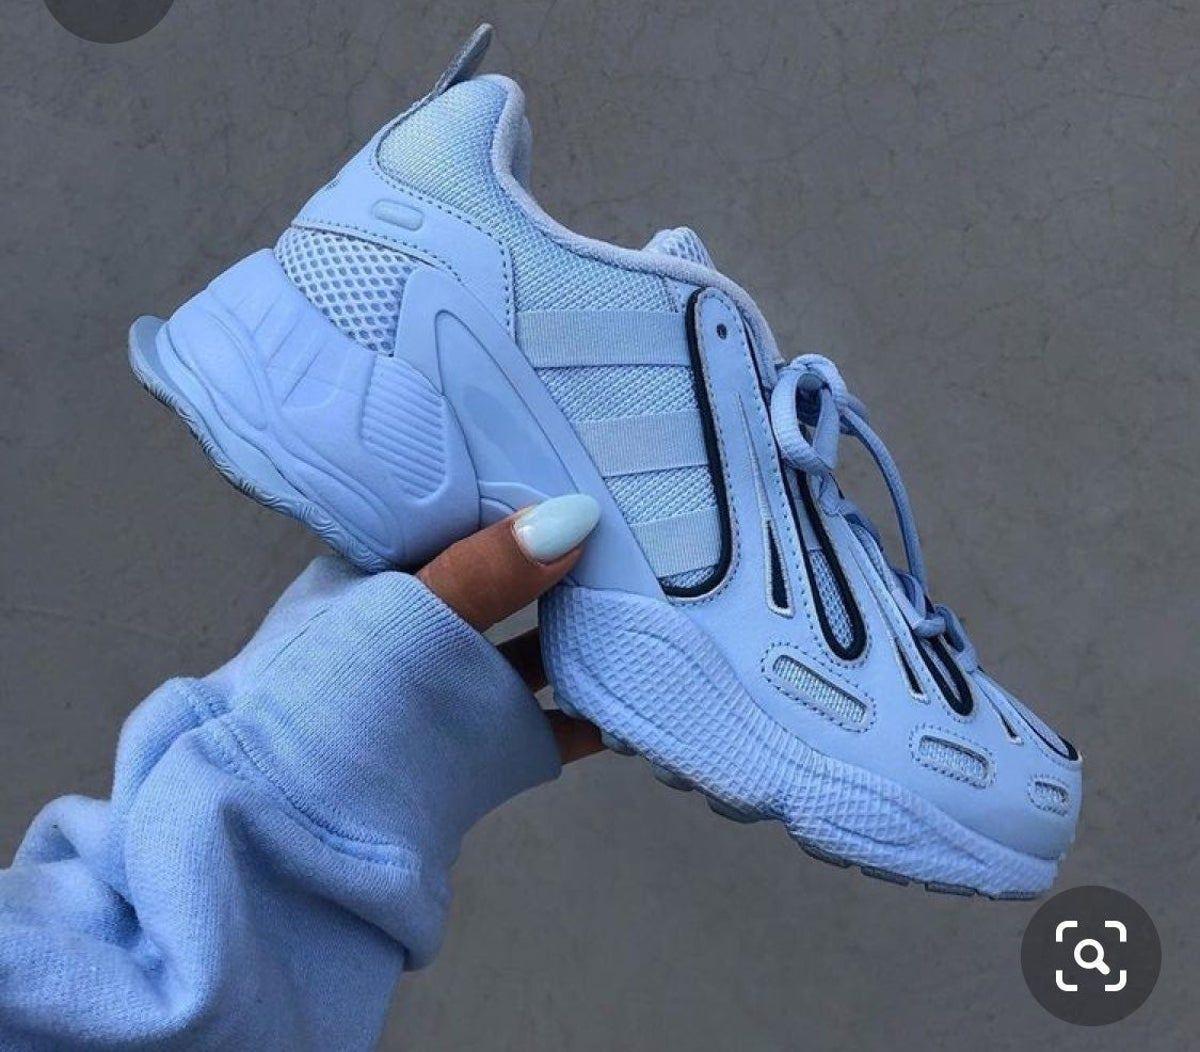 Adidas EQT Gazelle Glow Blue in 2020